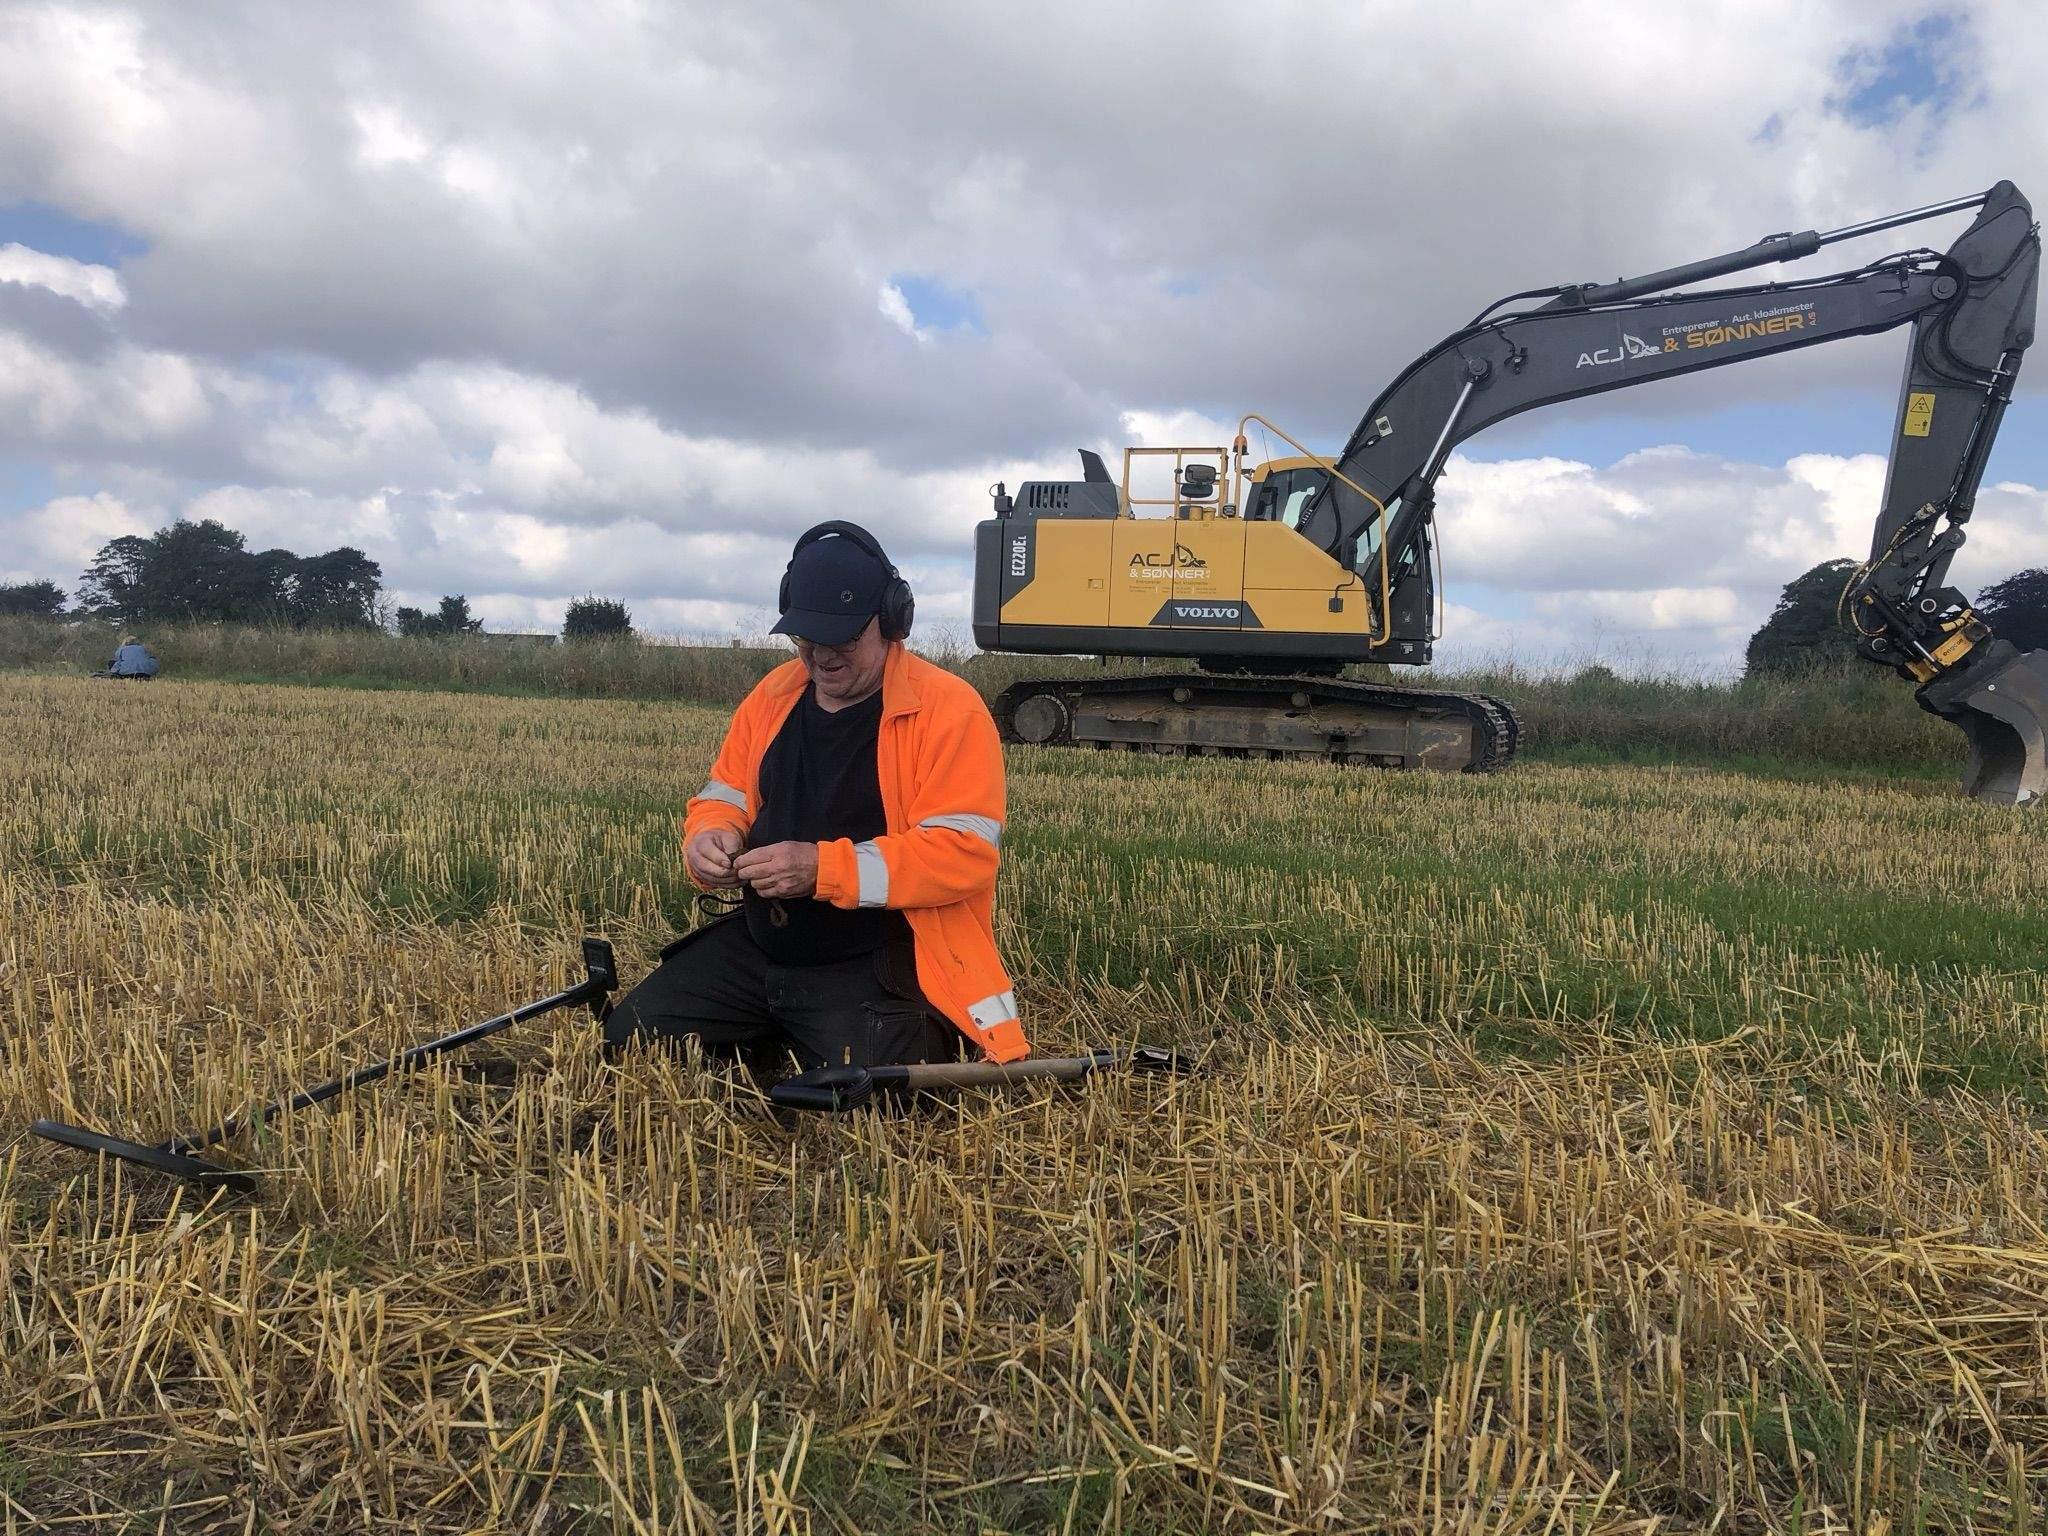 Археолог шукає скарб